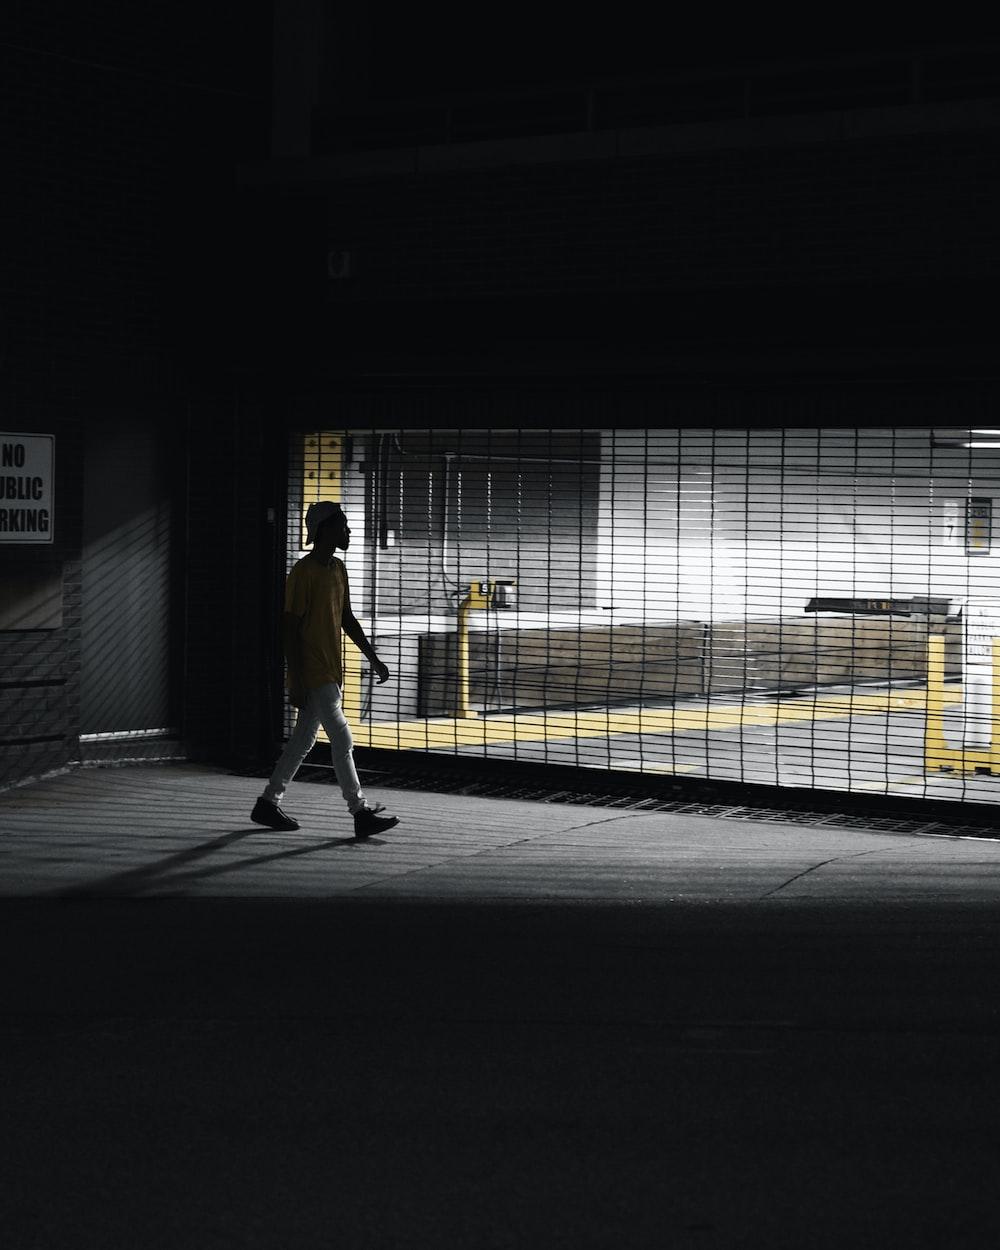 man in yellow jacket walking on sidewalk during daytime